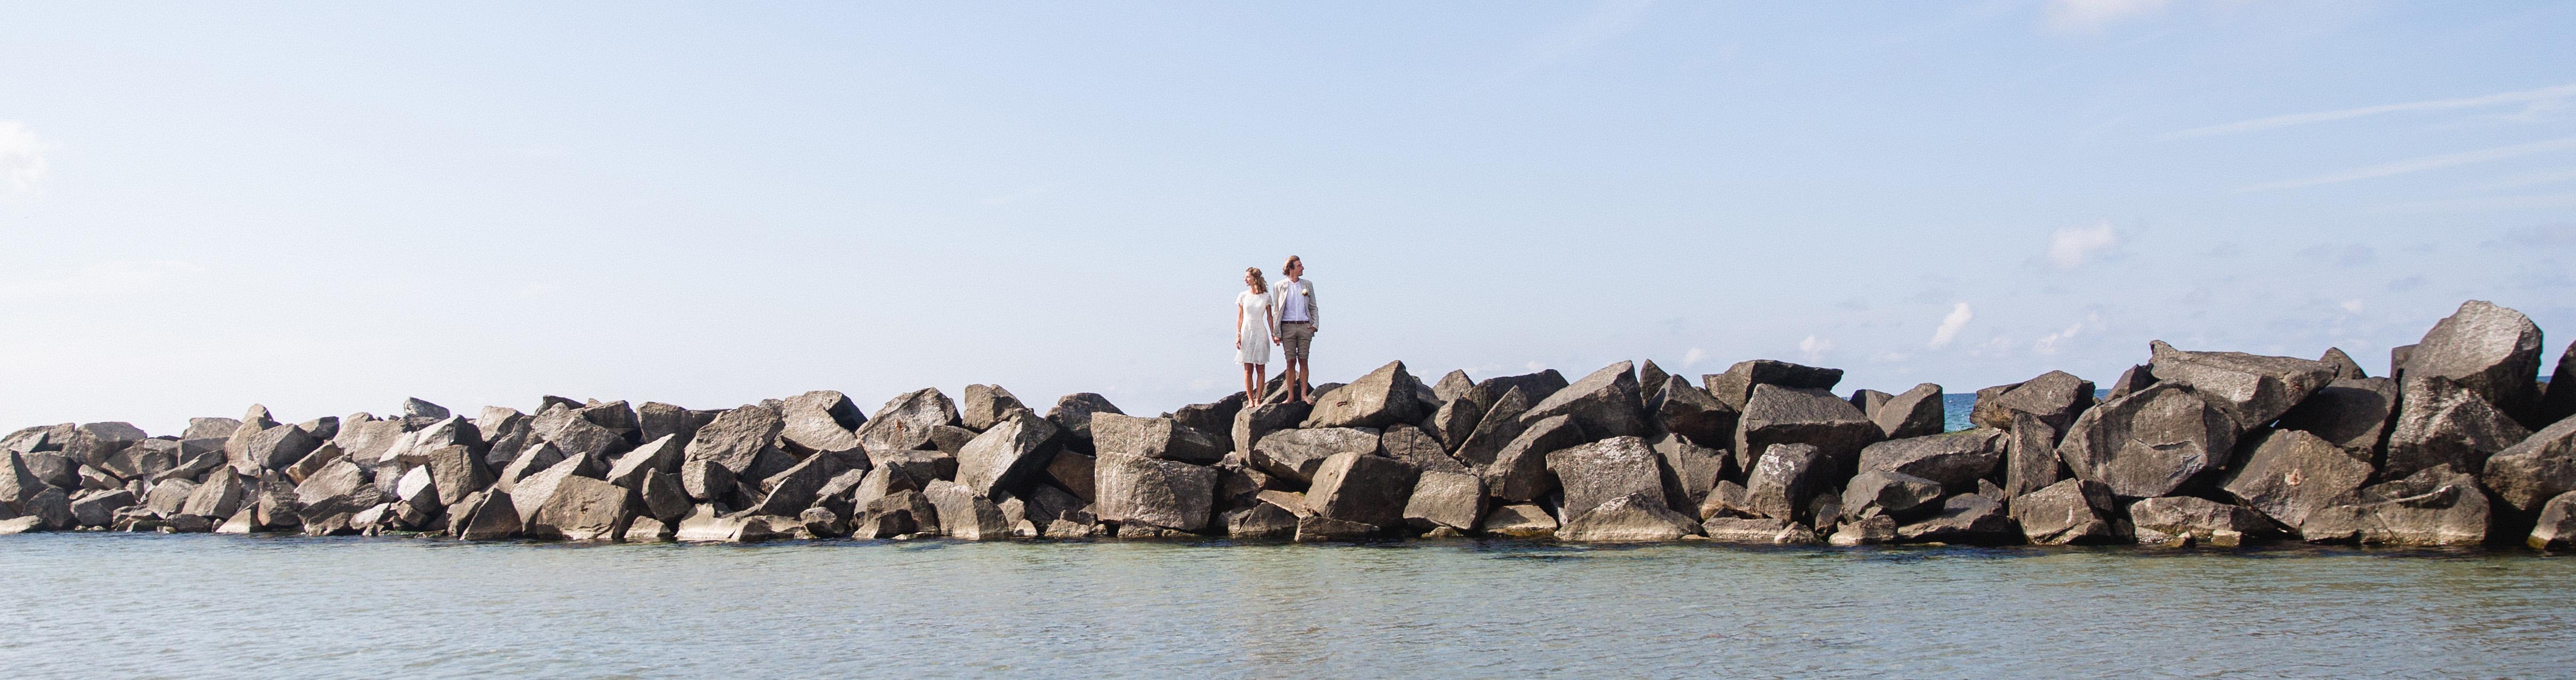 Hochzeitsgeschichte aufgenommen von der Rostocker Fotografin.